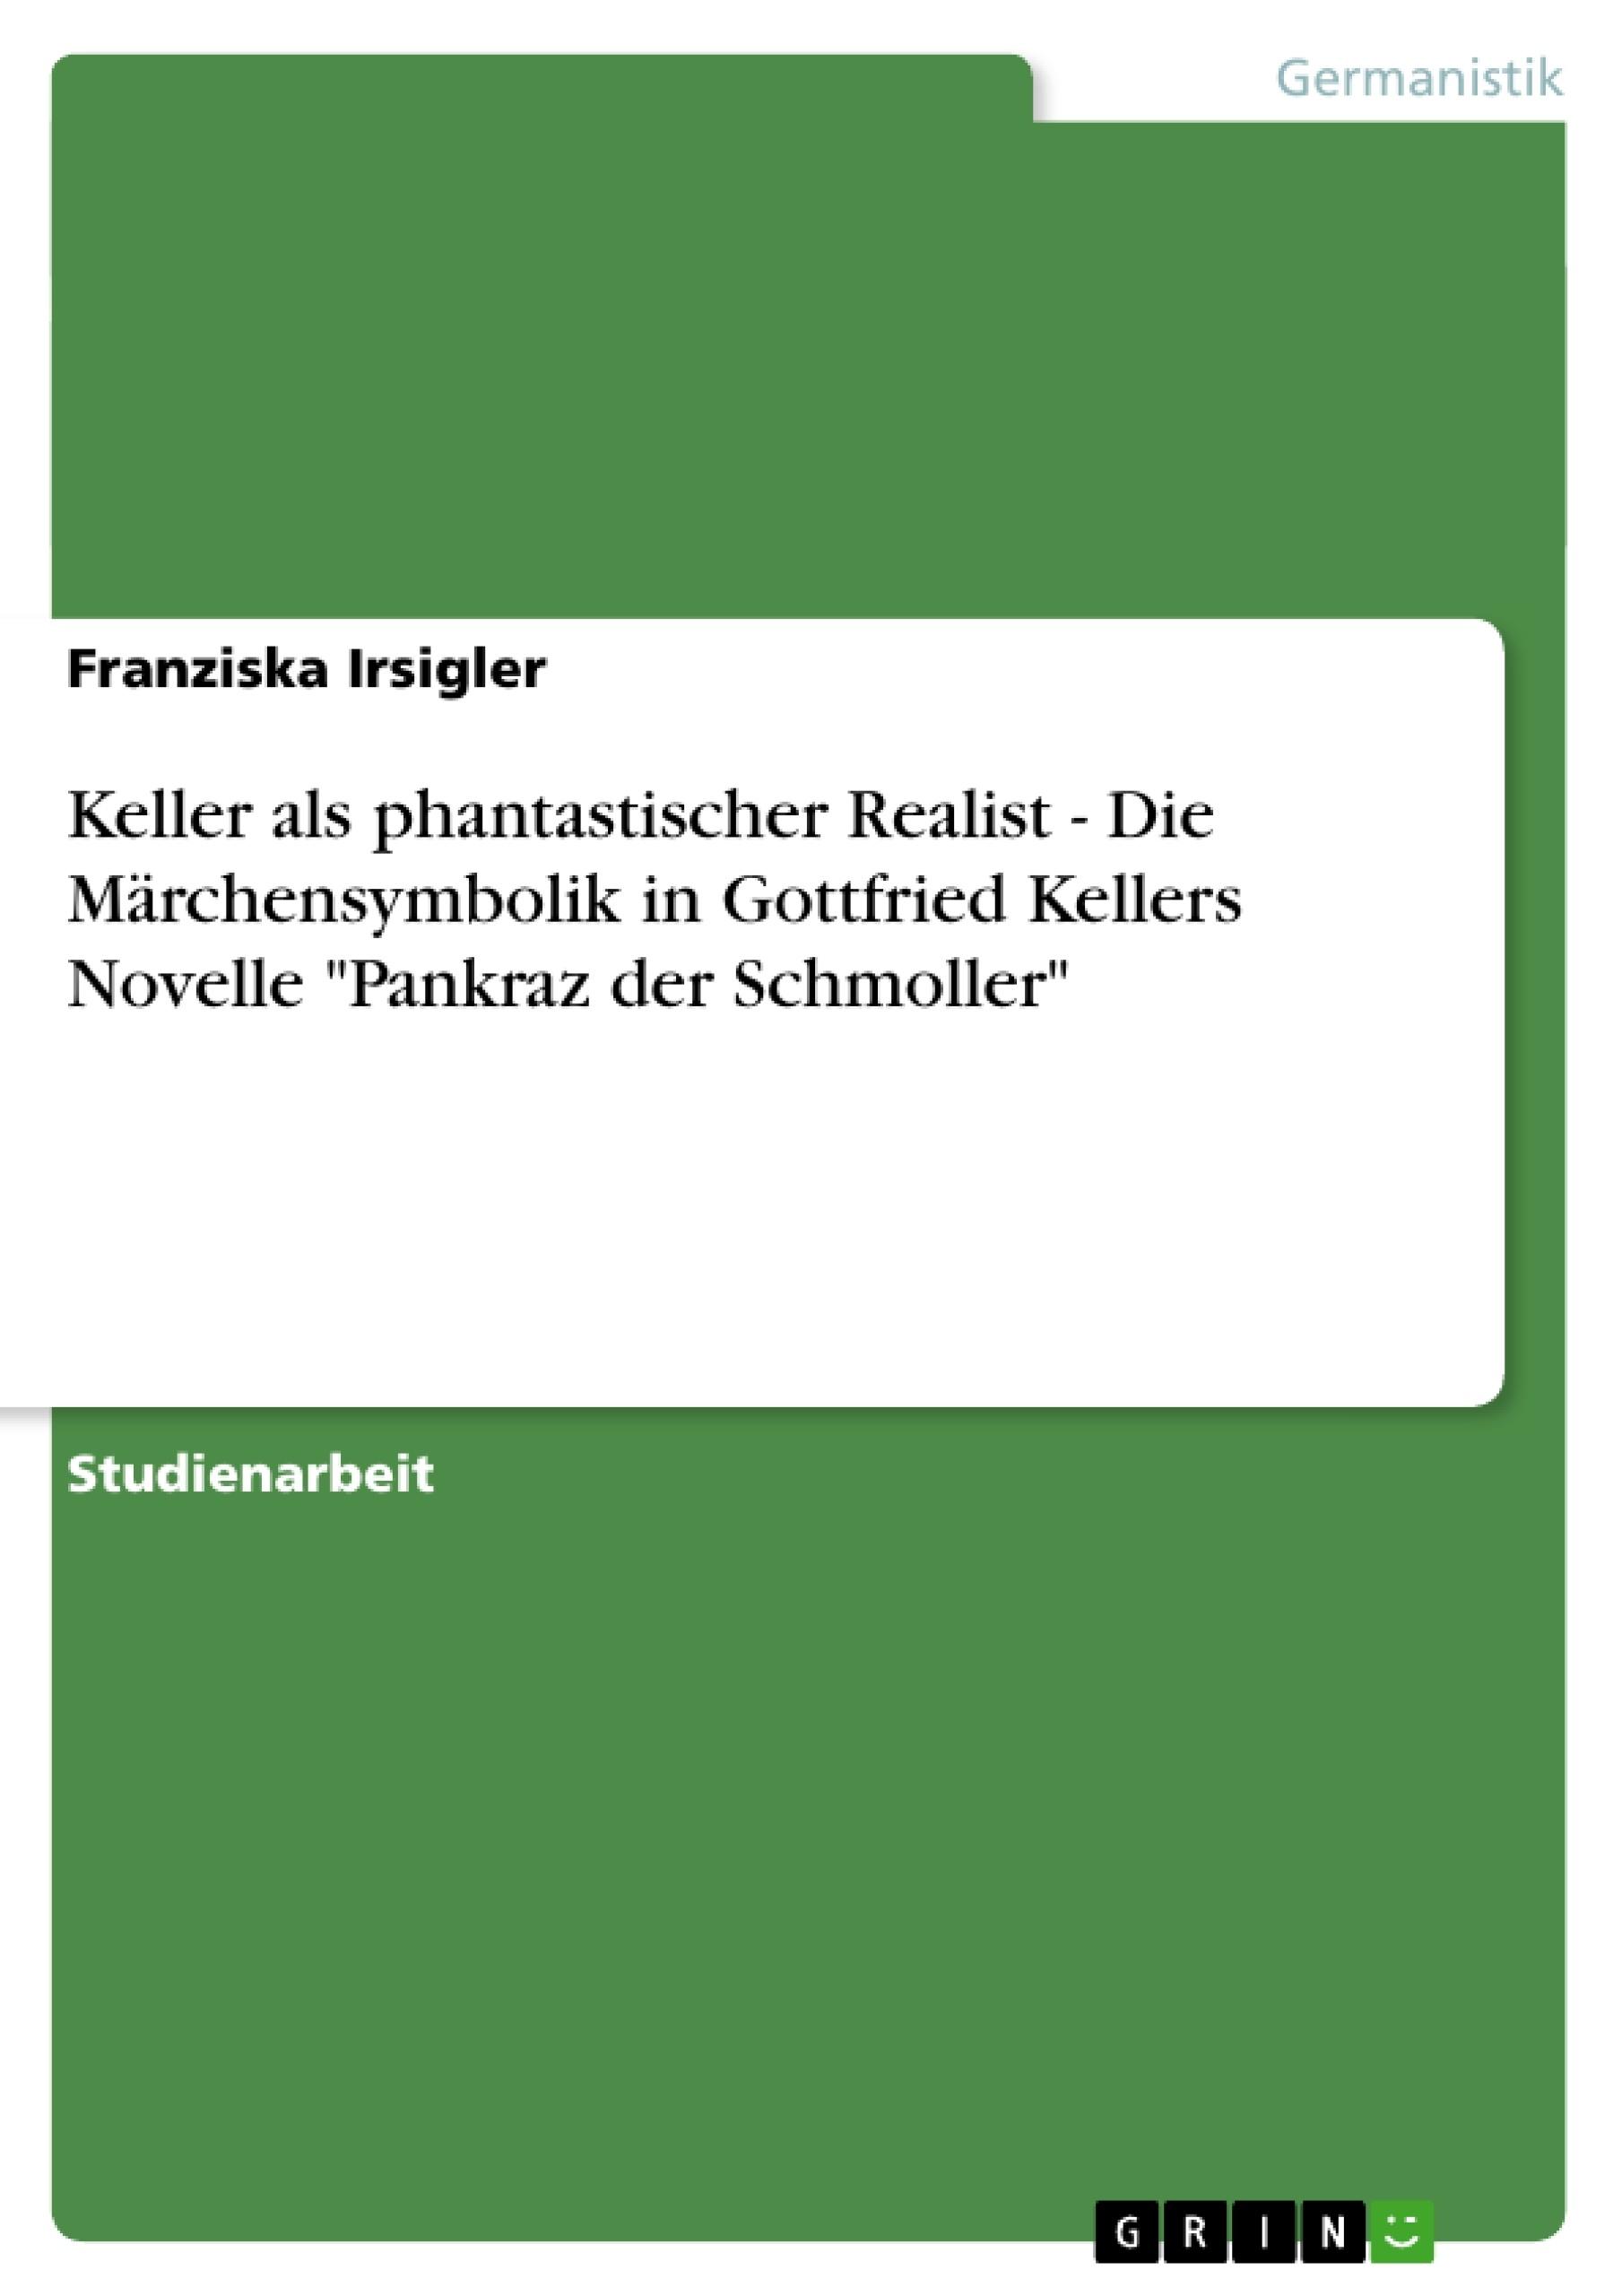 """Titel: Keller als phantastischer Realist - Die Märchensymbolik in Gottfried Kellers Novelle """"Pankraz der Schmoller"""""""